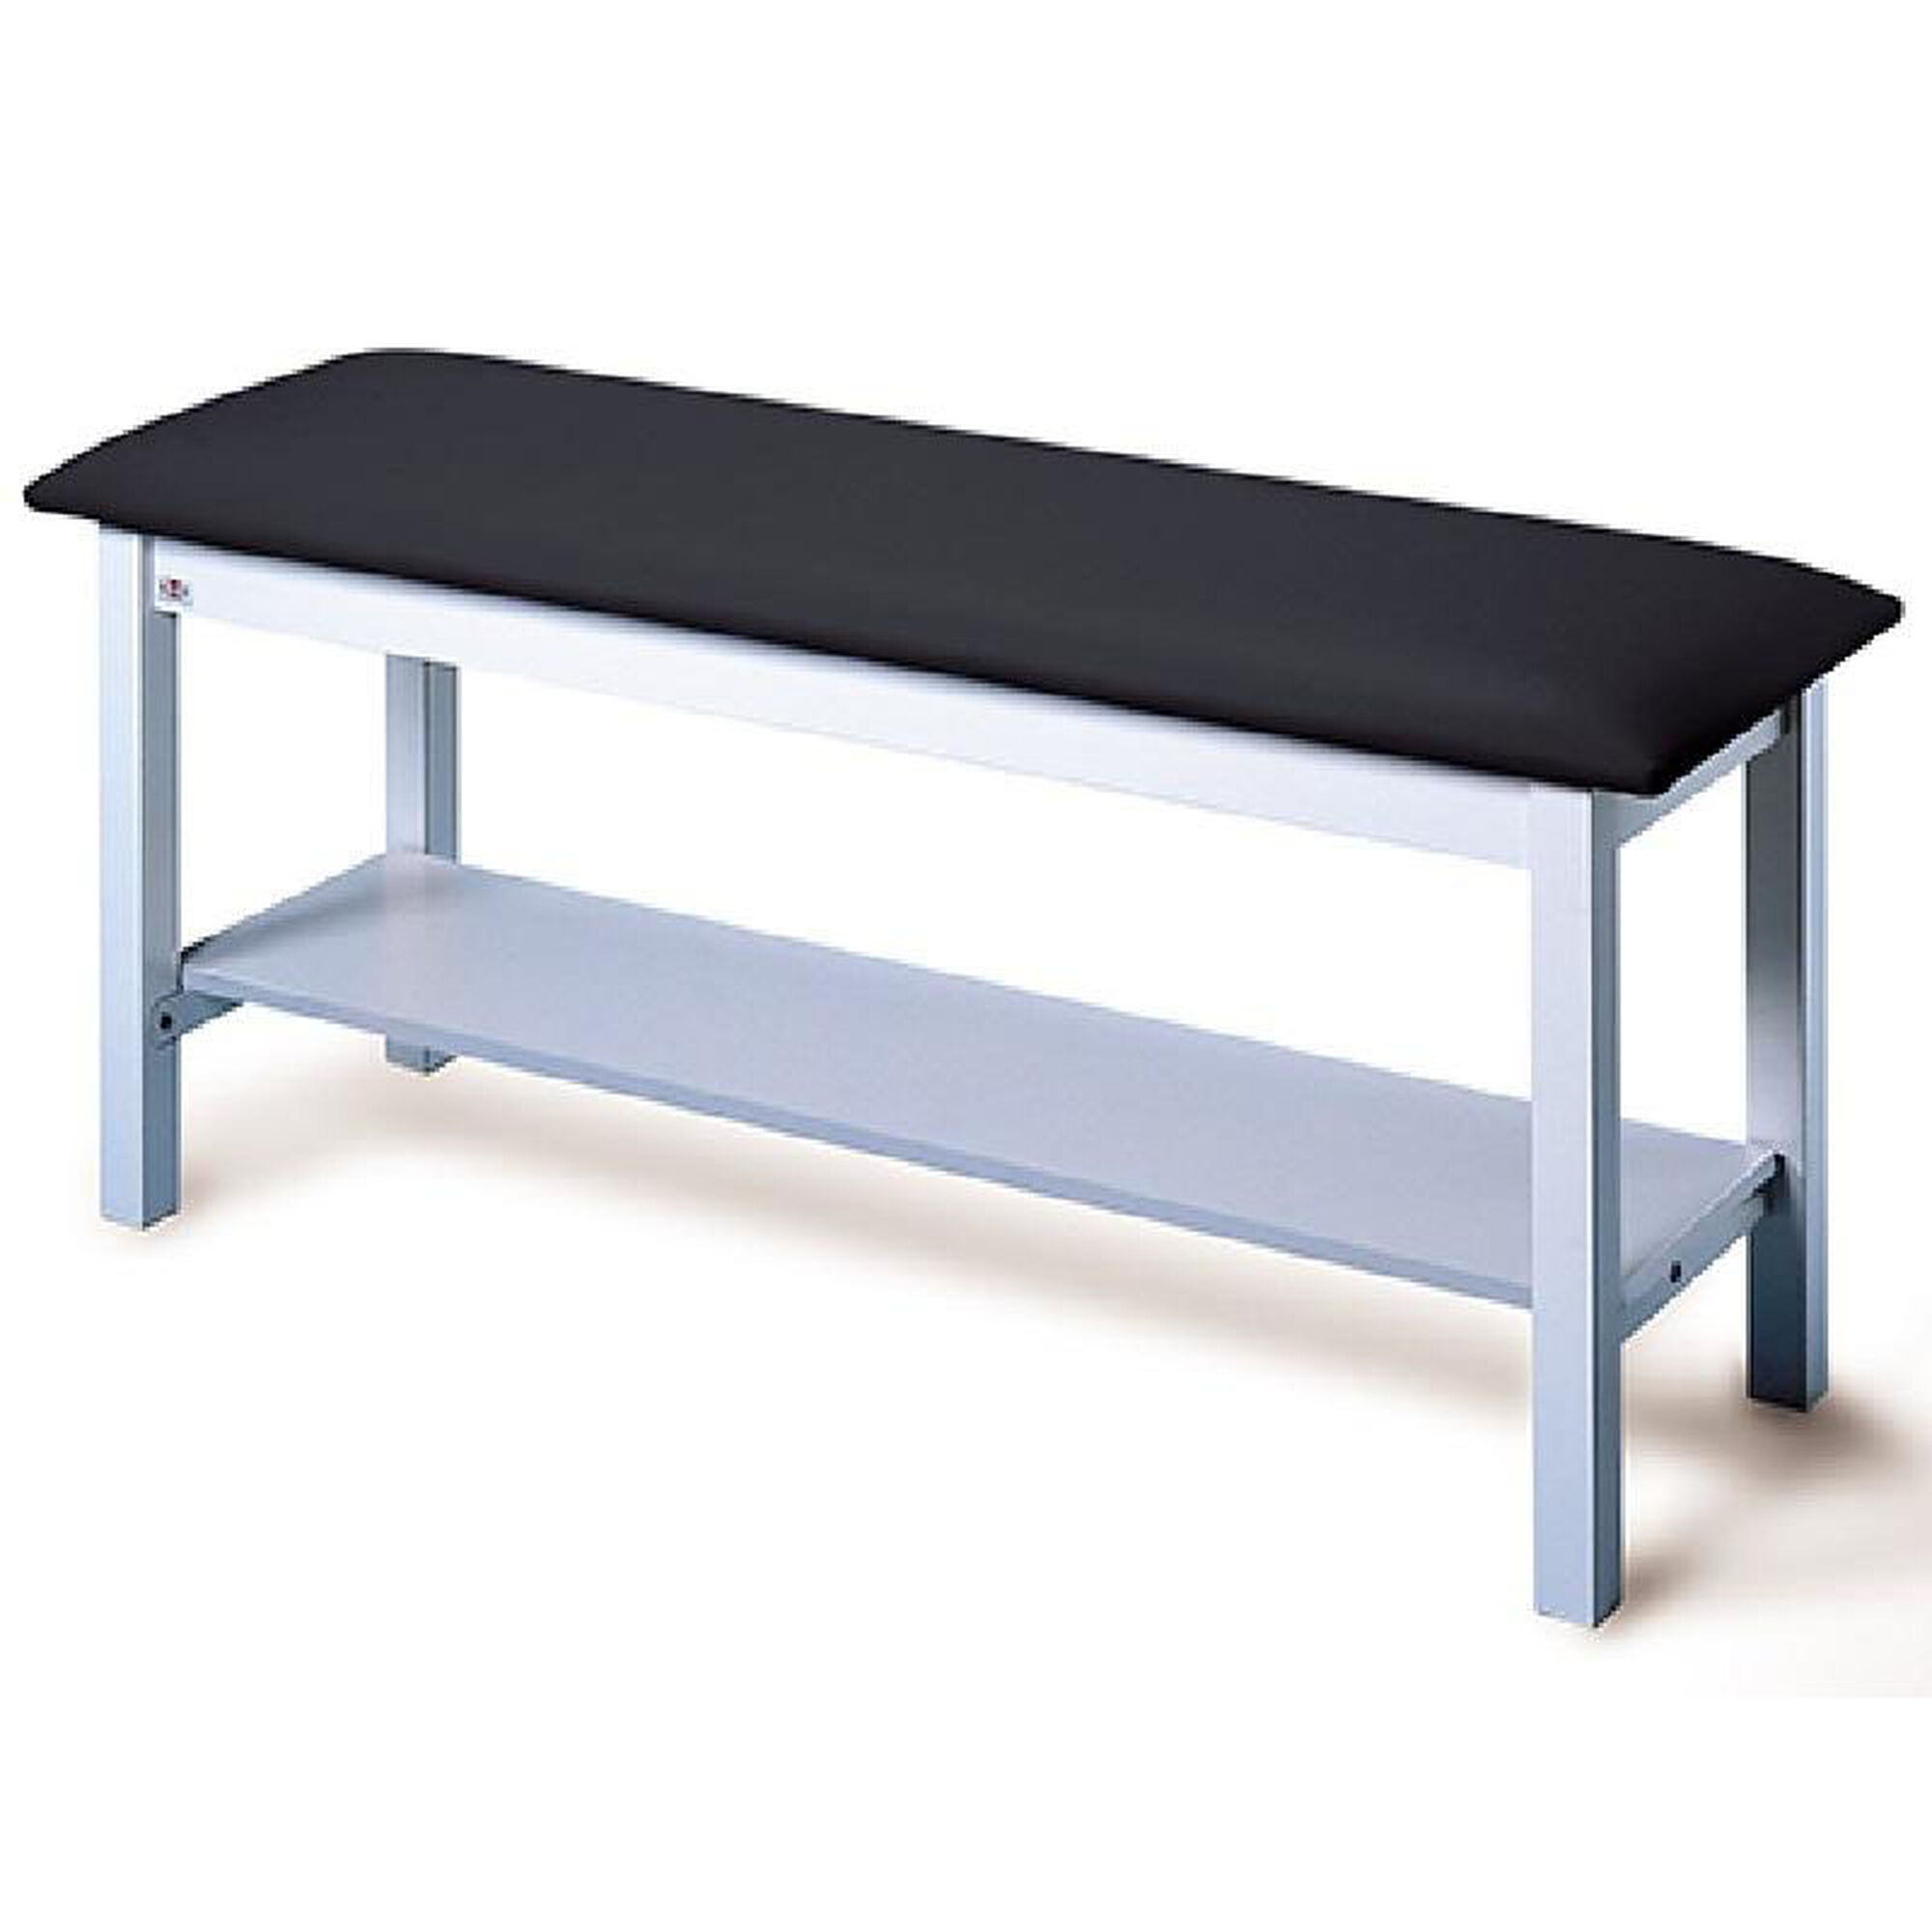 Quality Line Treatment Table Hau 4024 Bizchair Com